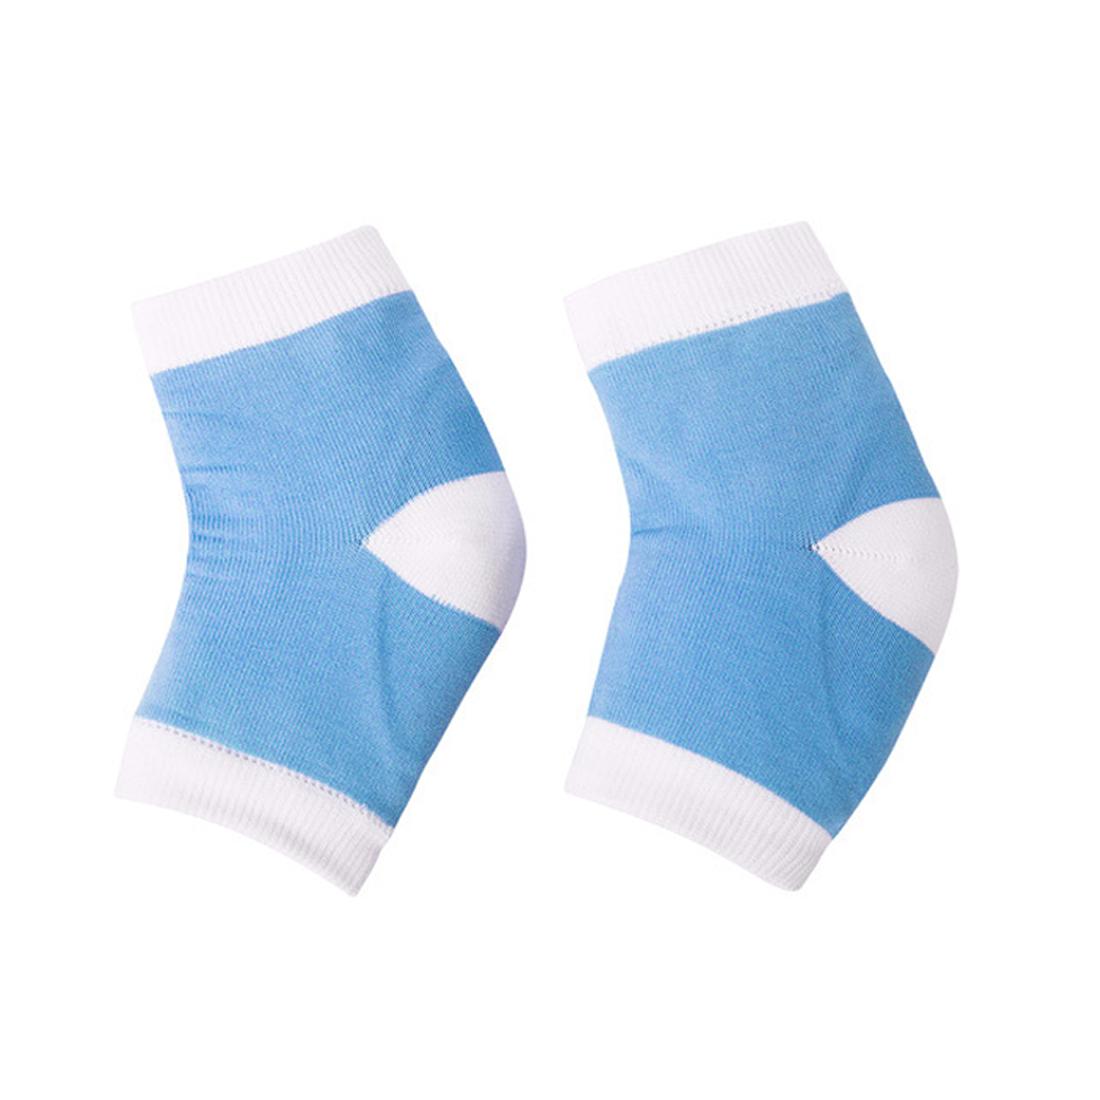 1 Pair Blue Half Cover Sleeves Moisturizing Cracked Skin Refine Gel Heel Socks